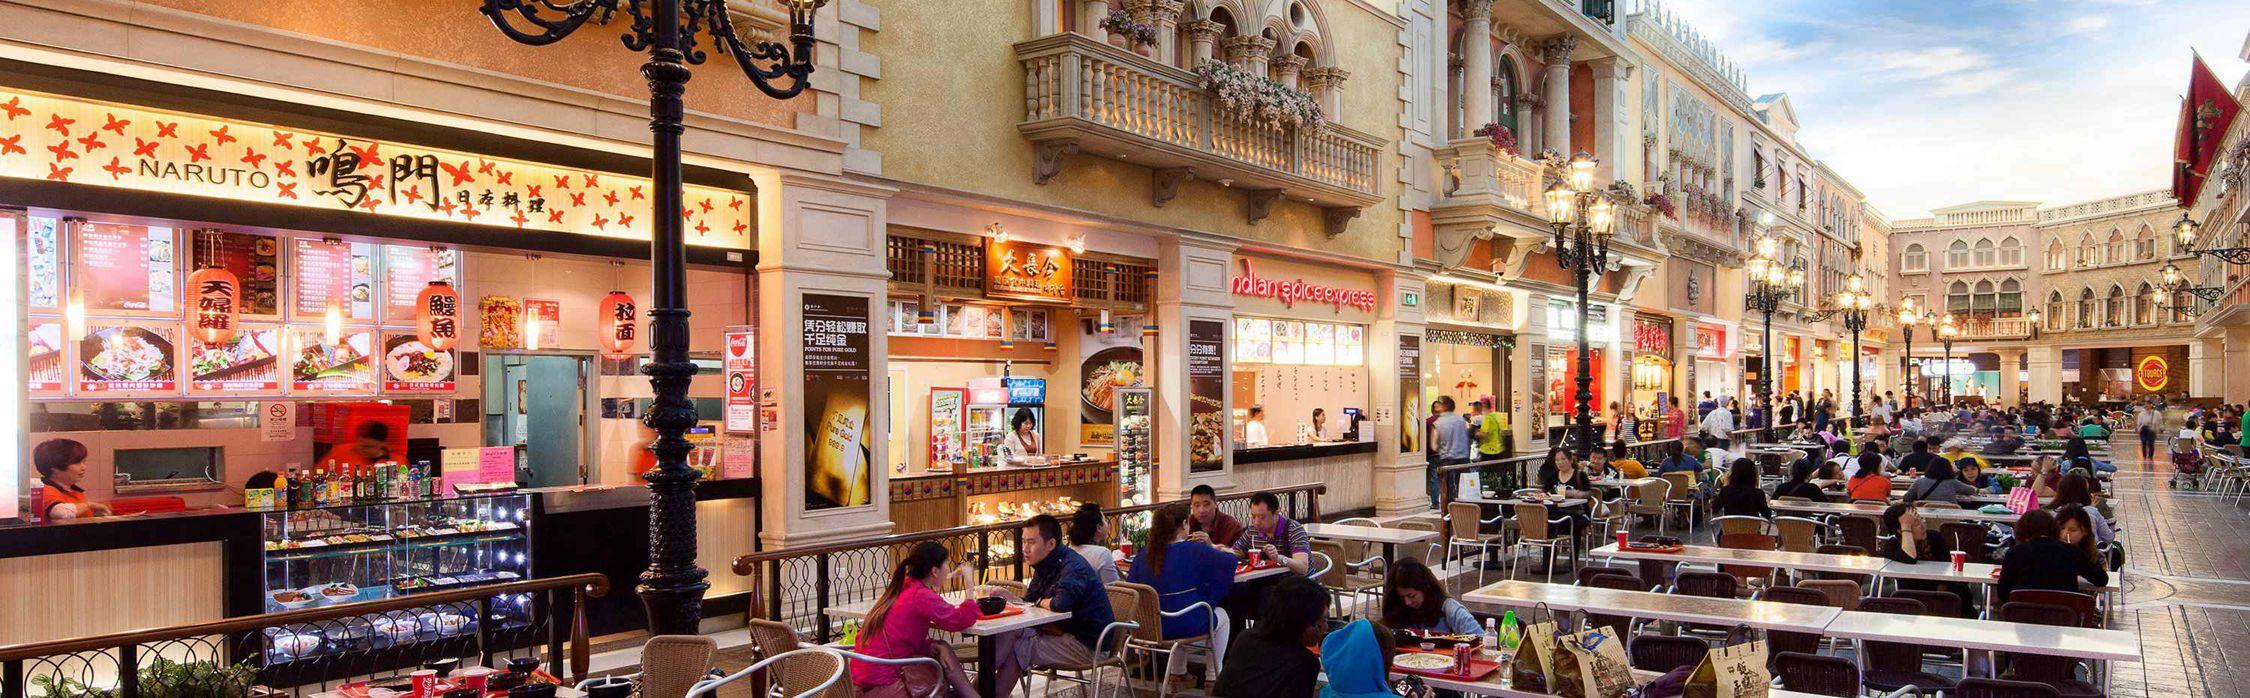 Venetian Macao Food Court